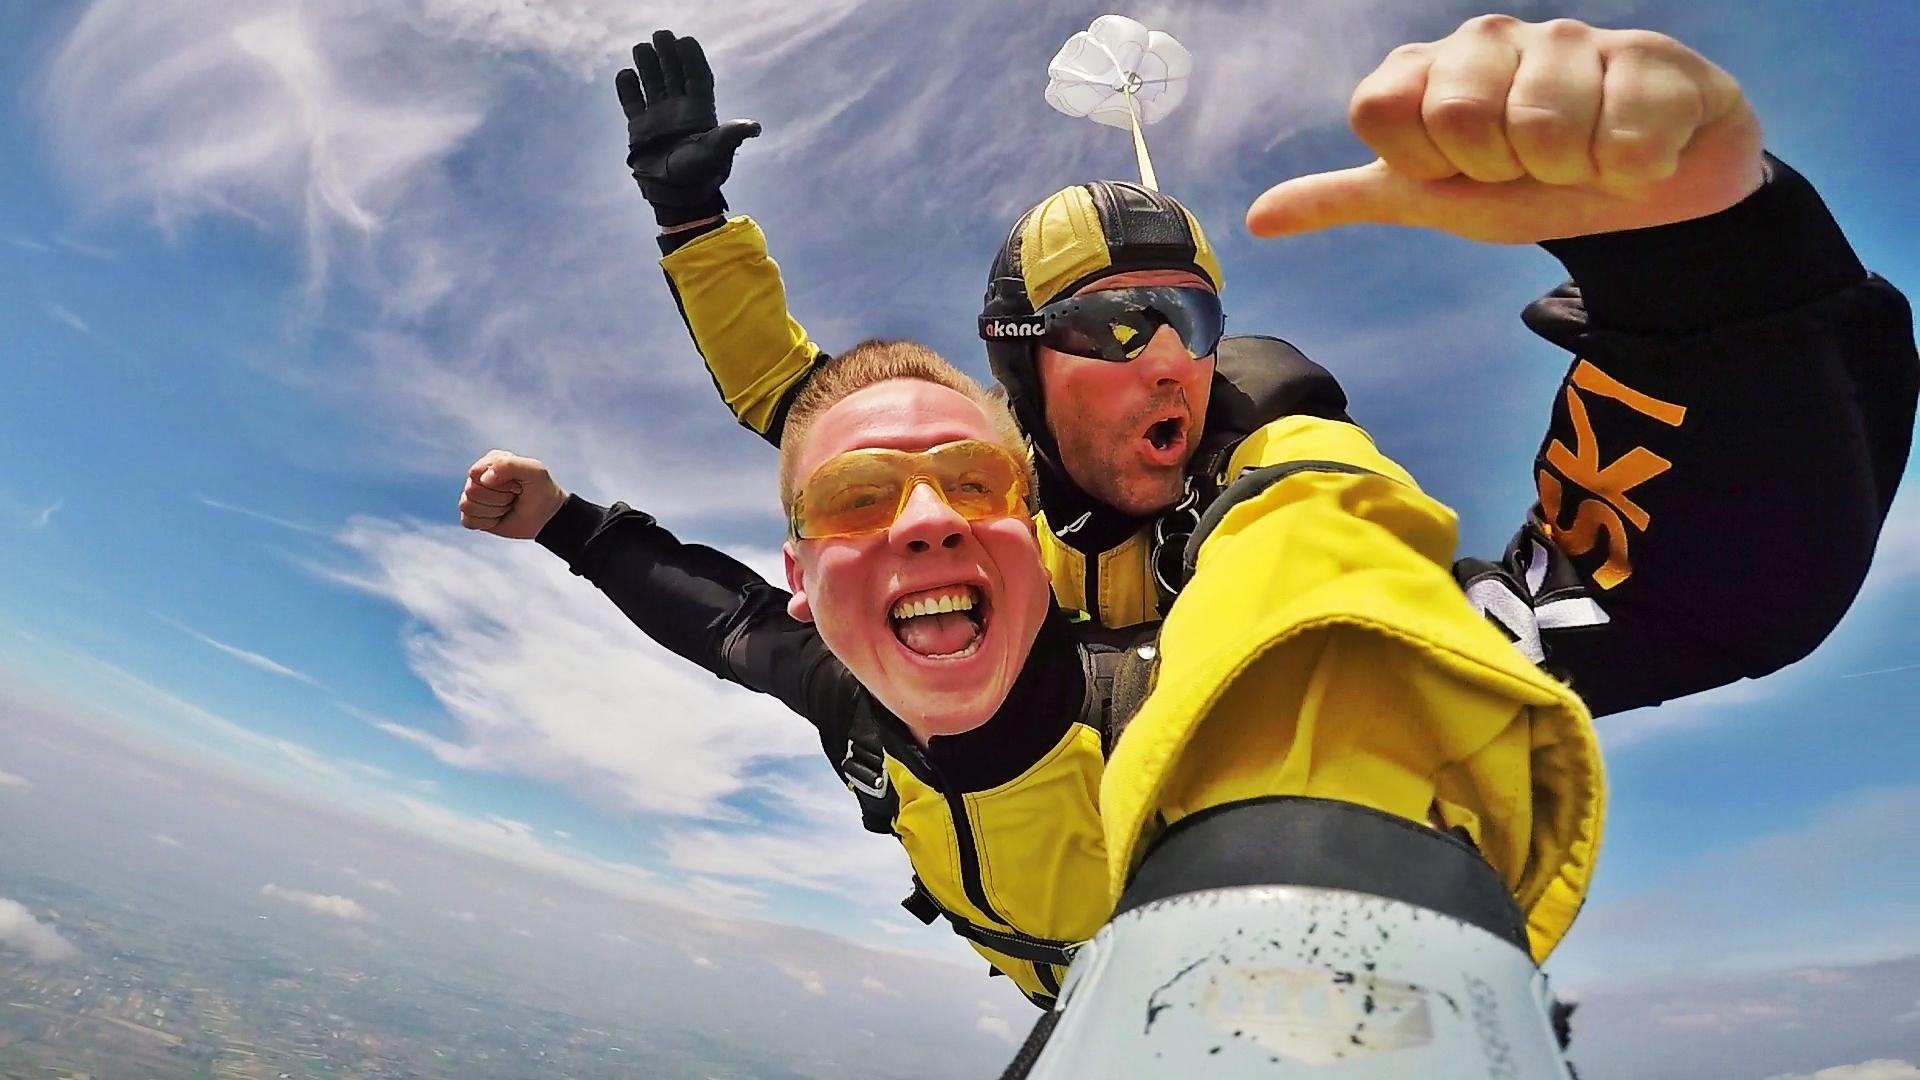 skoki spadochronowe kraków kraksy 13